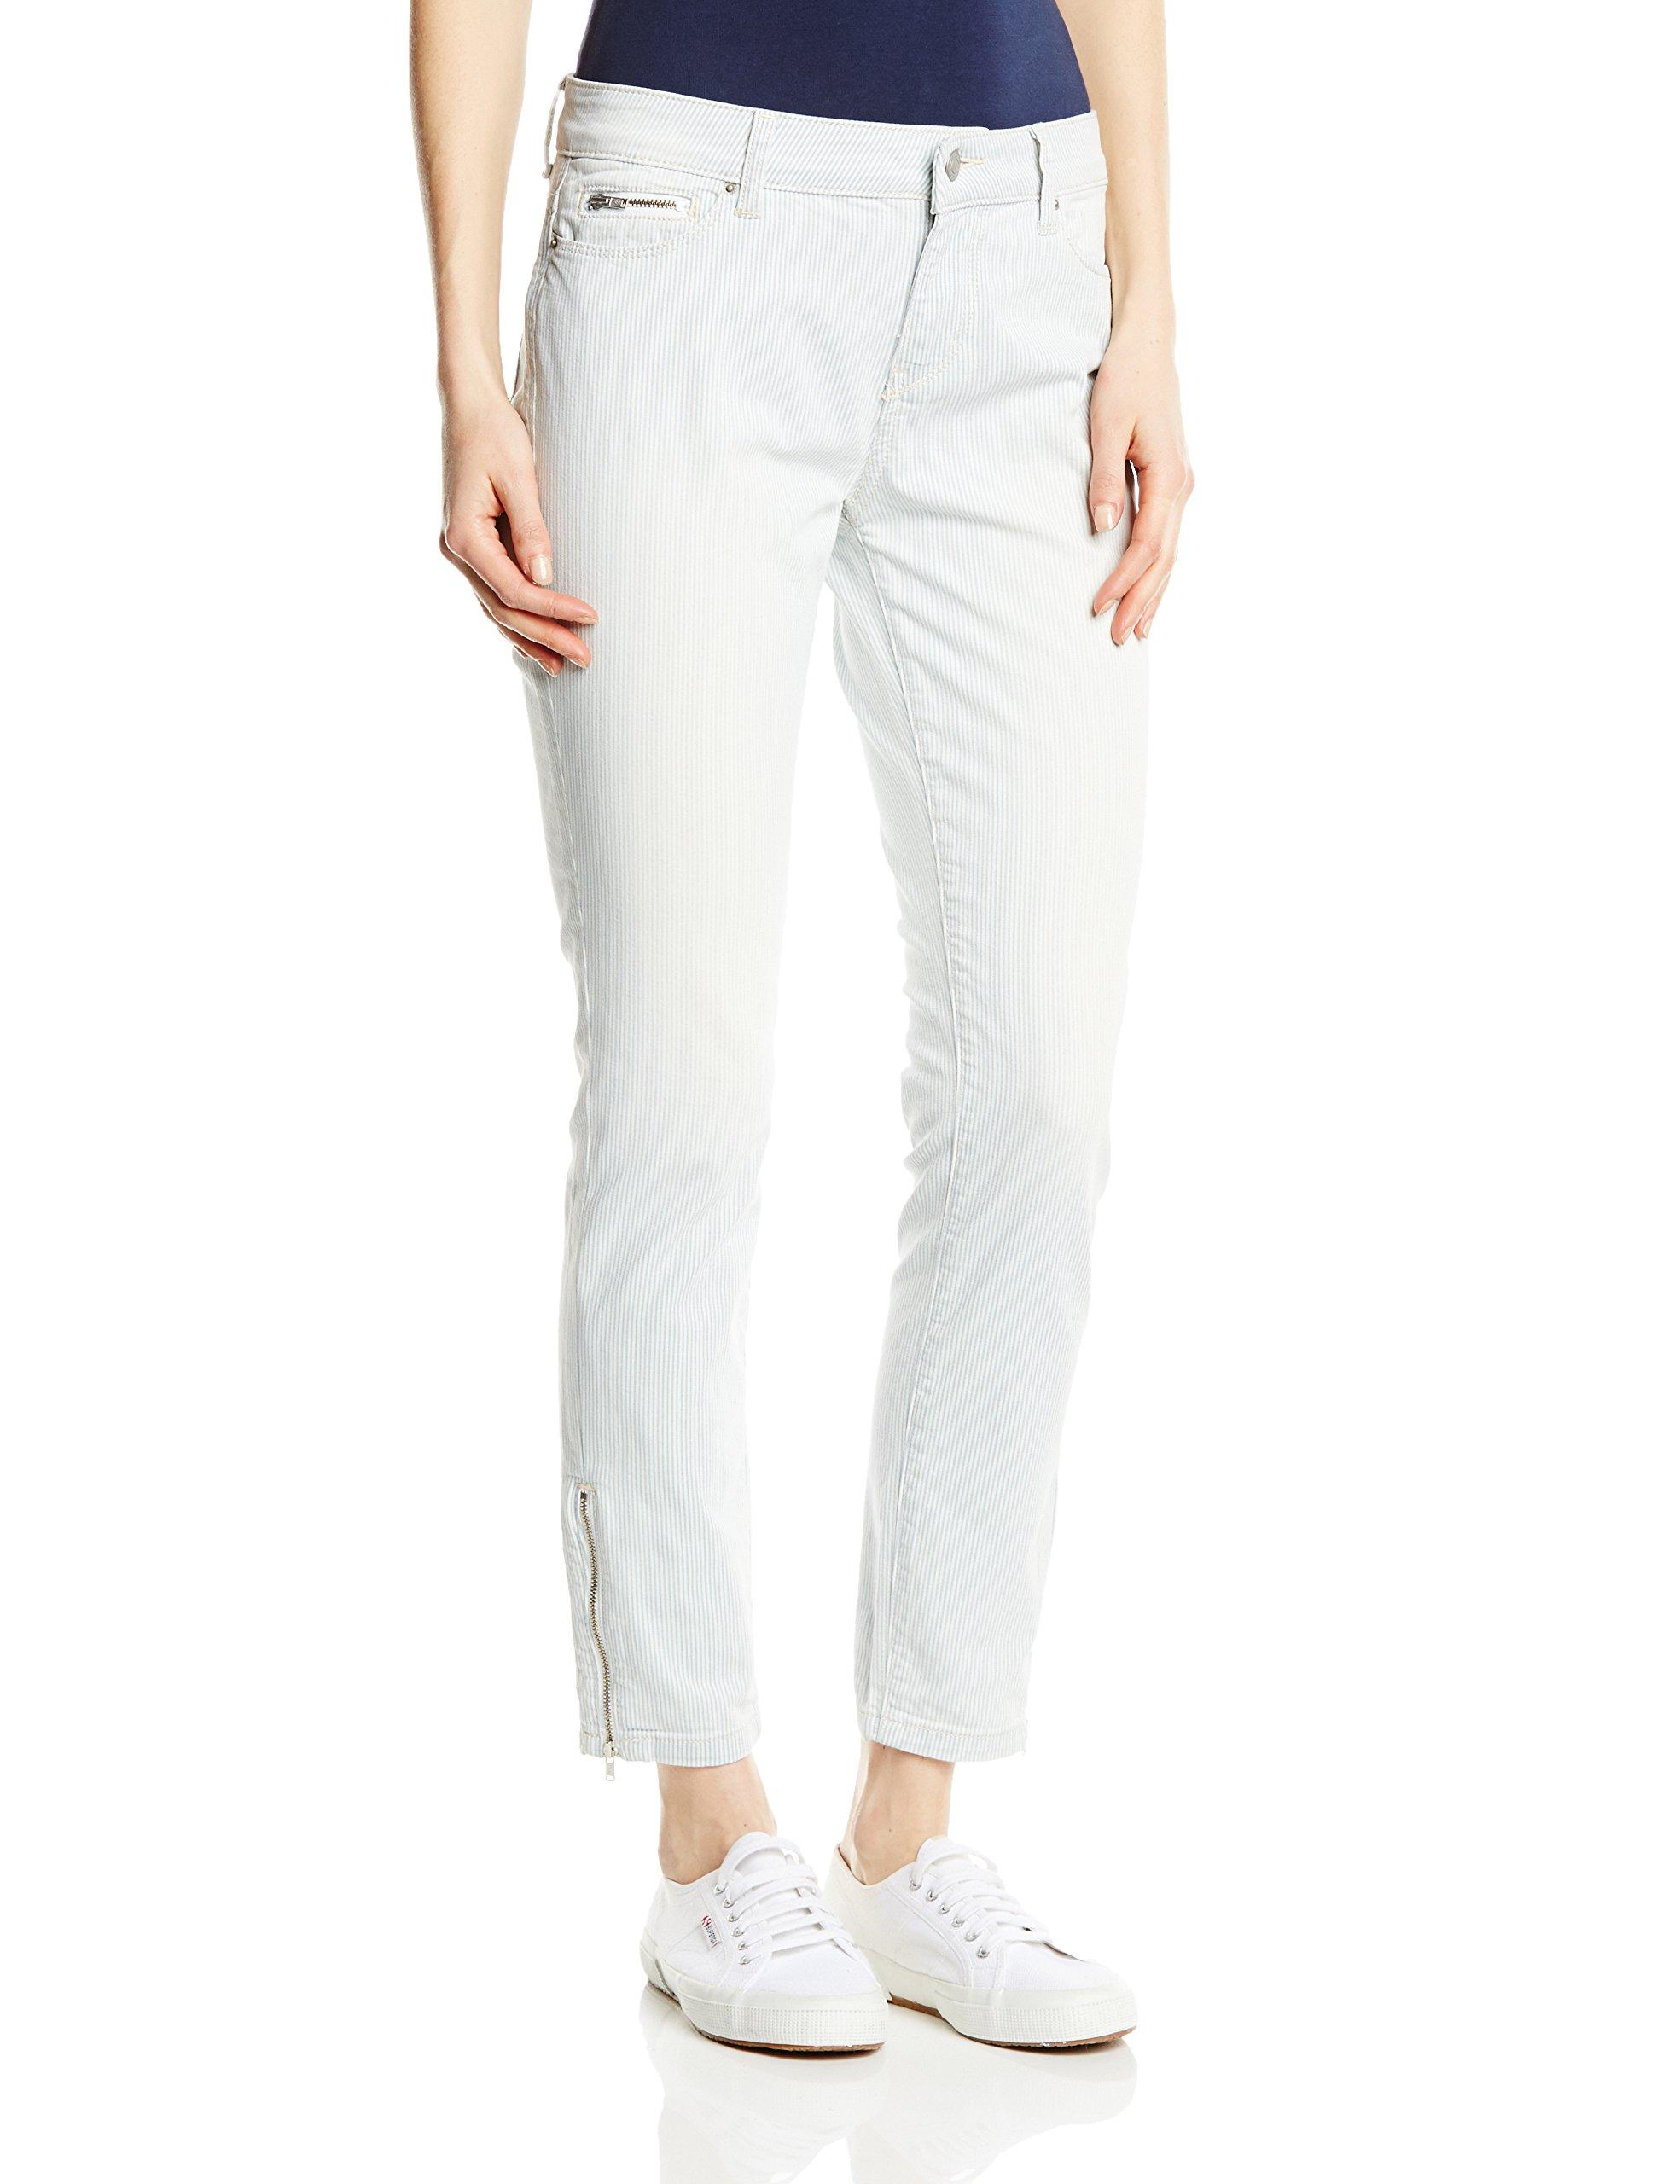 FemmeBleuW30 FabricantW30 EspritJeans FemmeBleuW30 EspritJeans l32taille Skinny l32taille FabricantW30 Skinny 0wOk8XnP